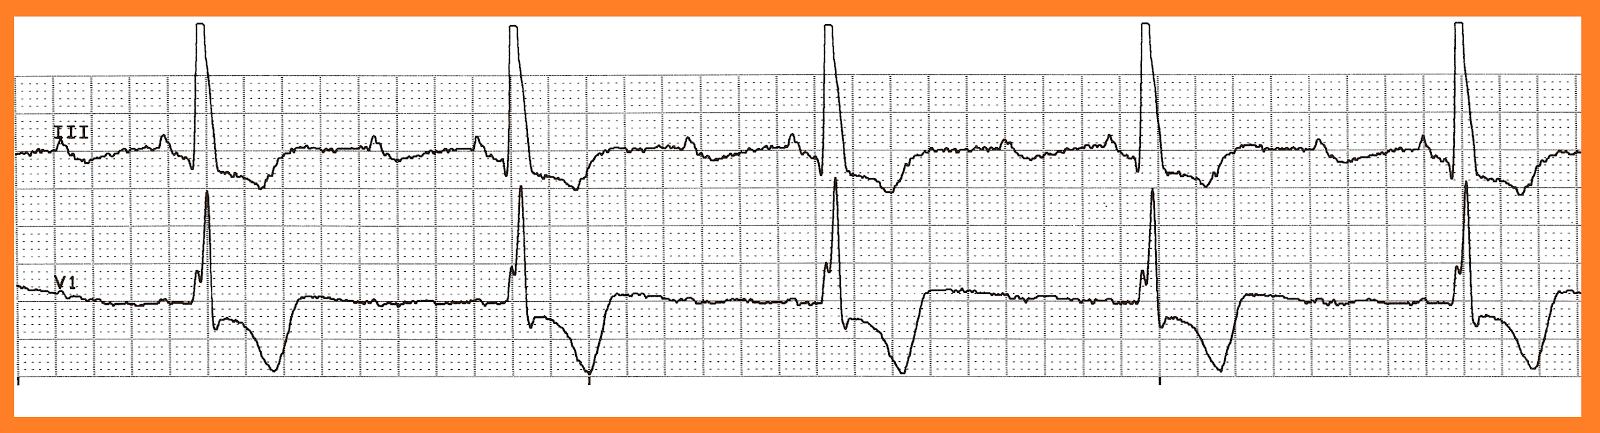 2nd degree heart block type ii 15 mobitz ii 16